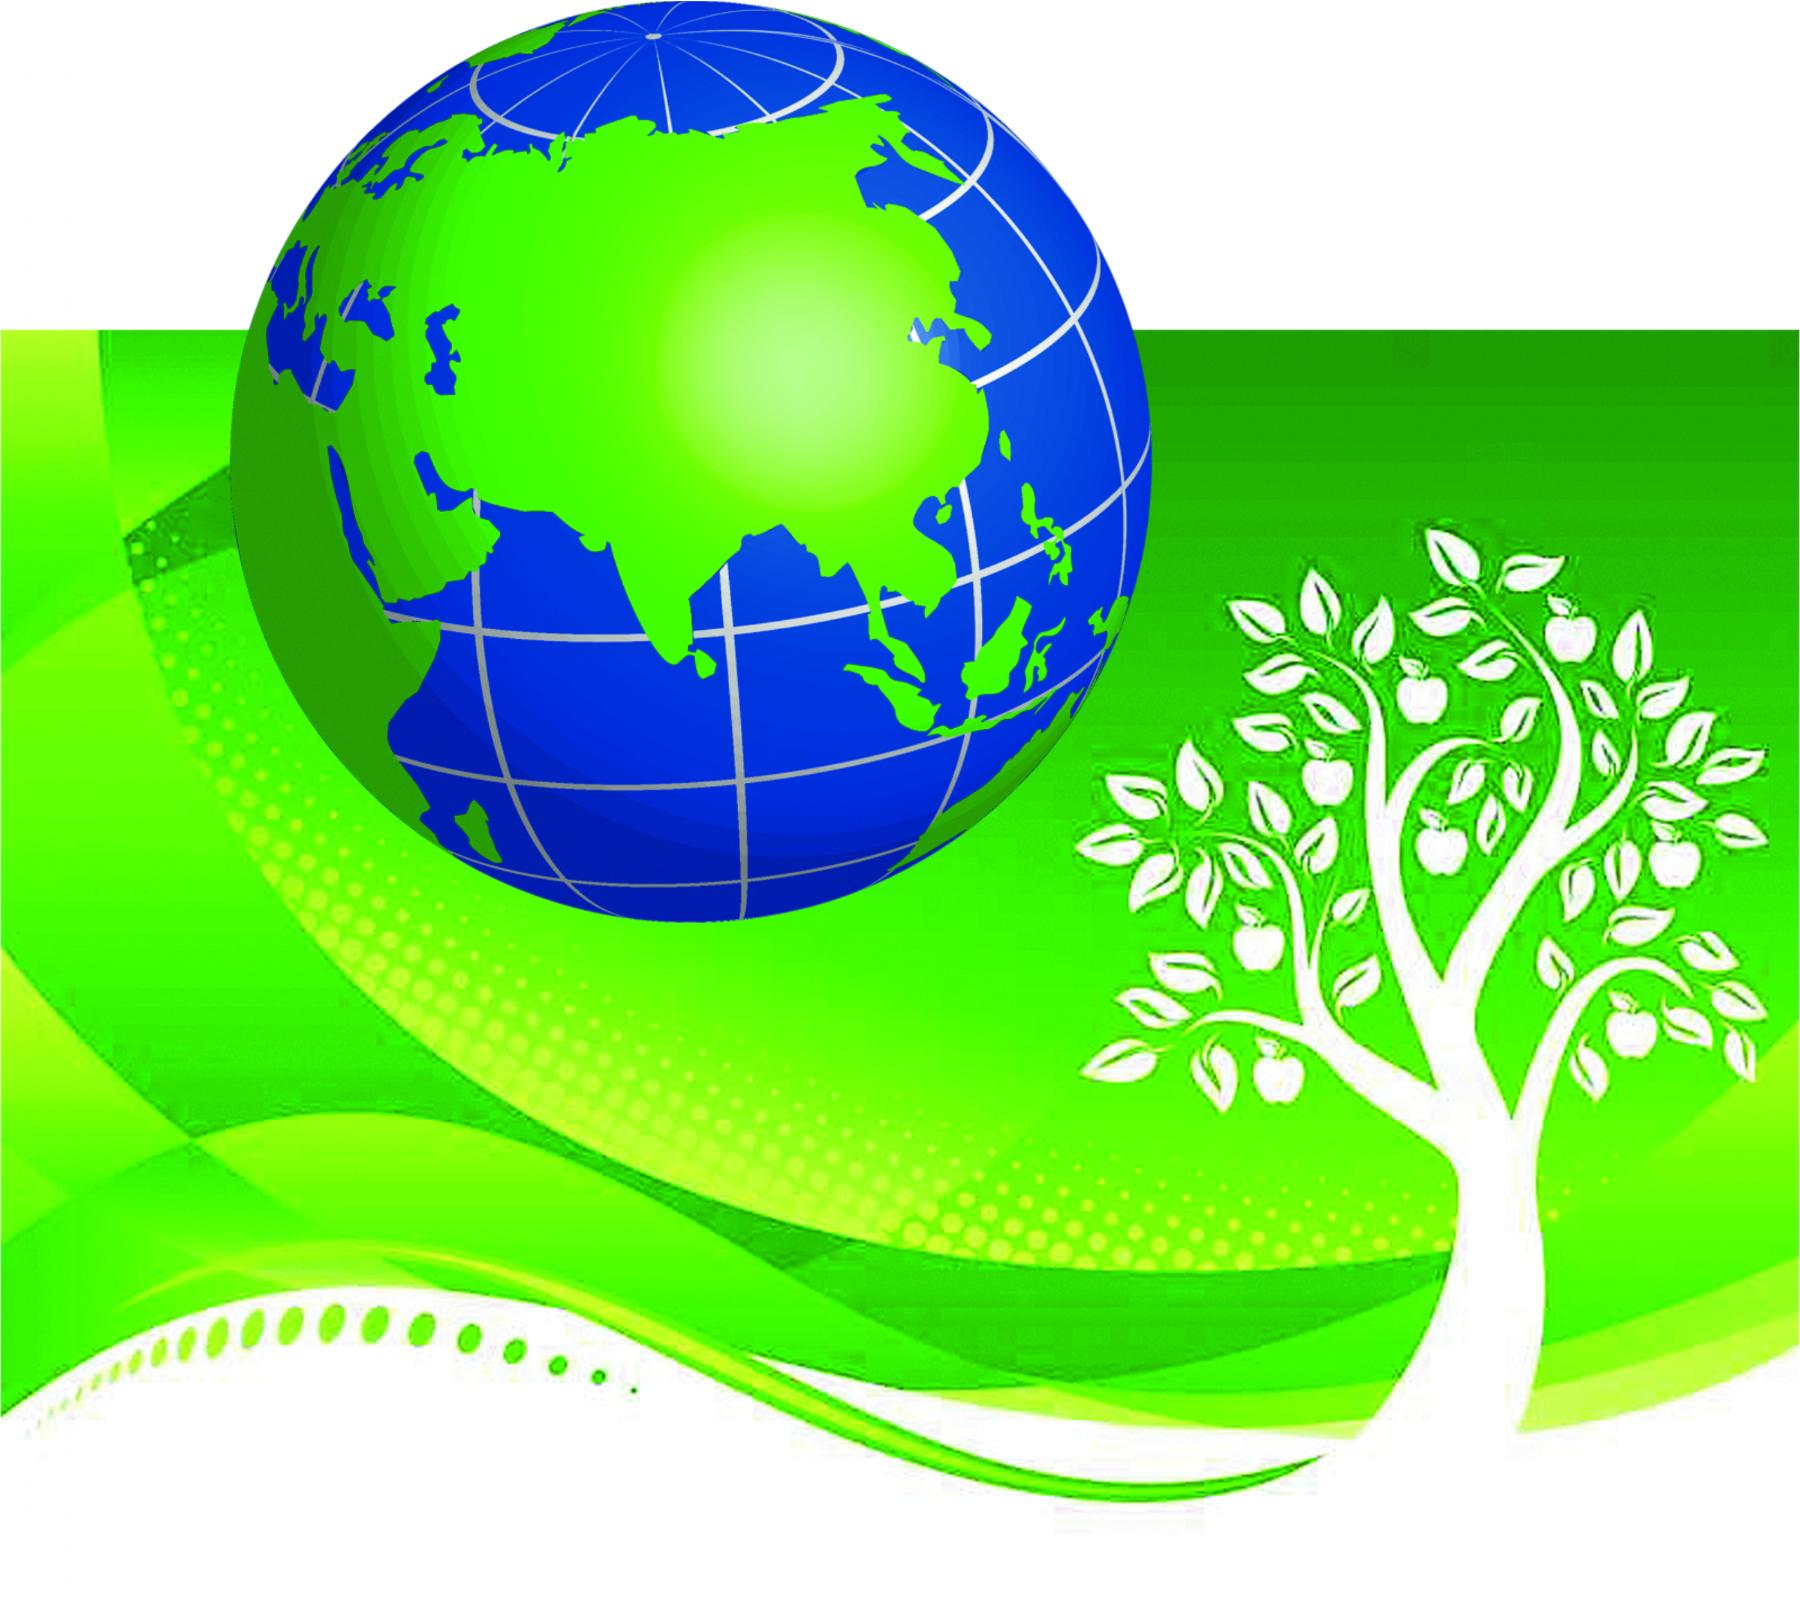 પૃથ્વી બચાવો પૃથ્વી આપણને બચાવશે